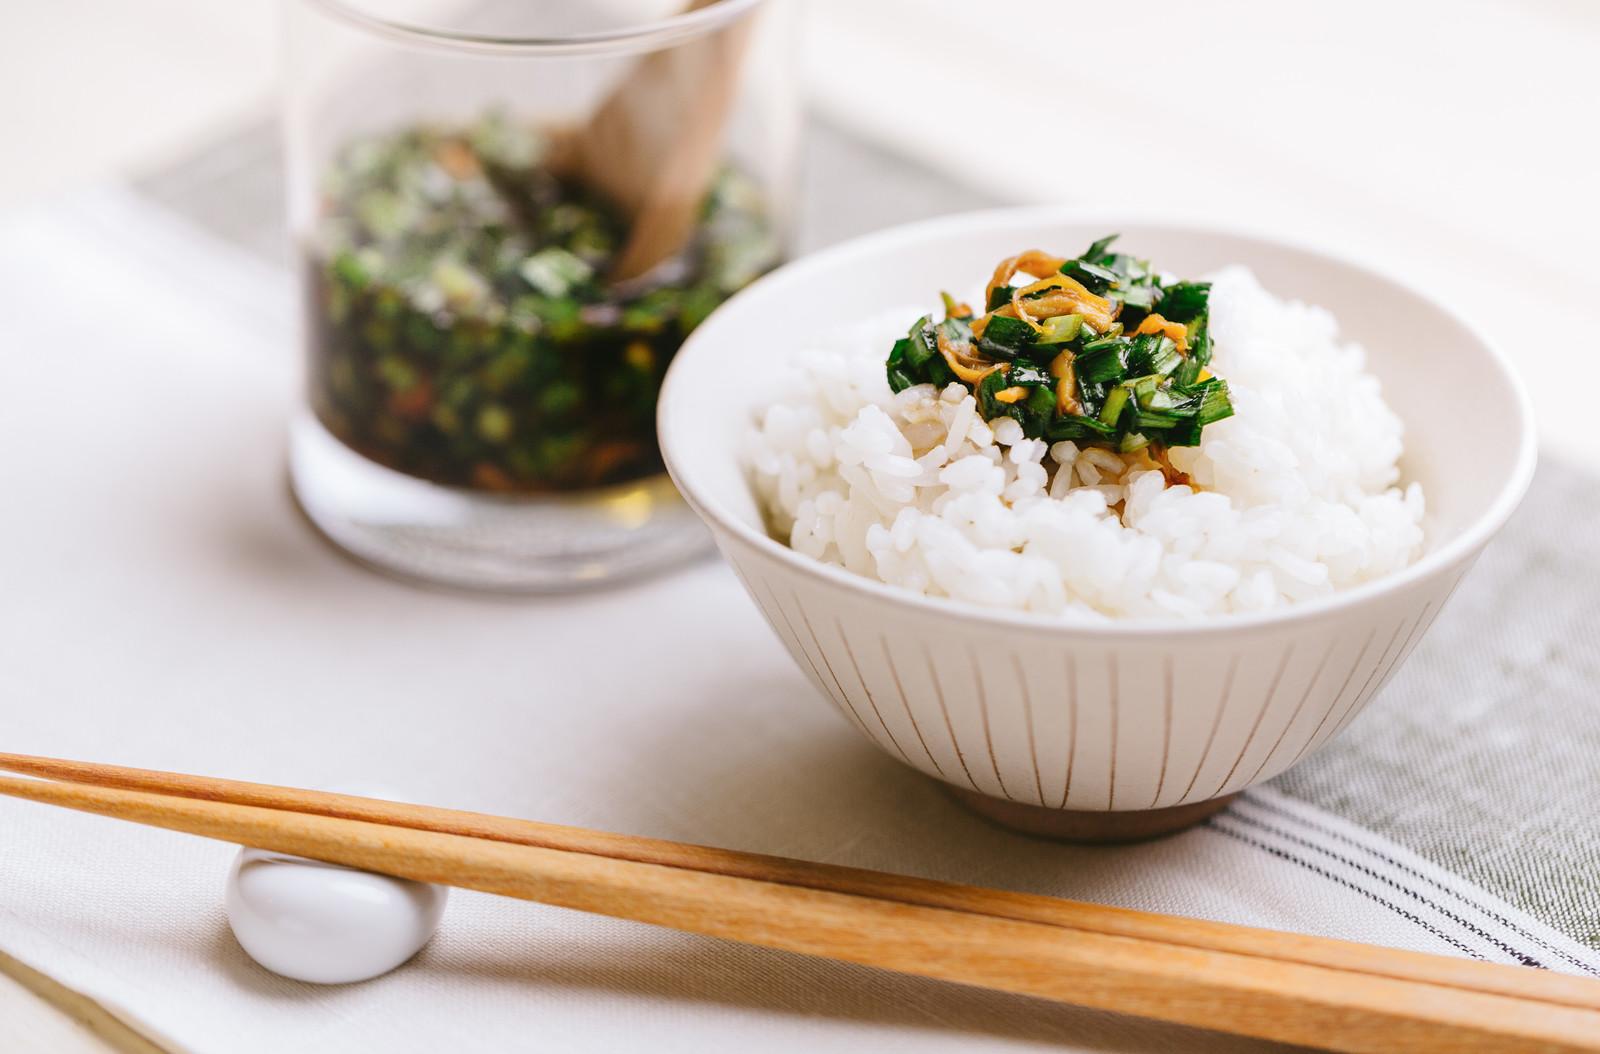 【ヒルナンデス】正しいお米のとぎ方と保存方法は?意外でビックリ!